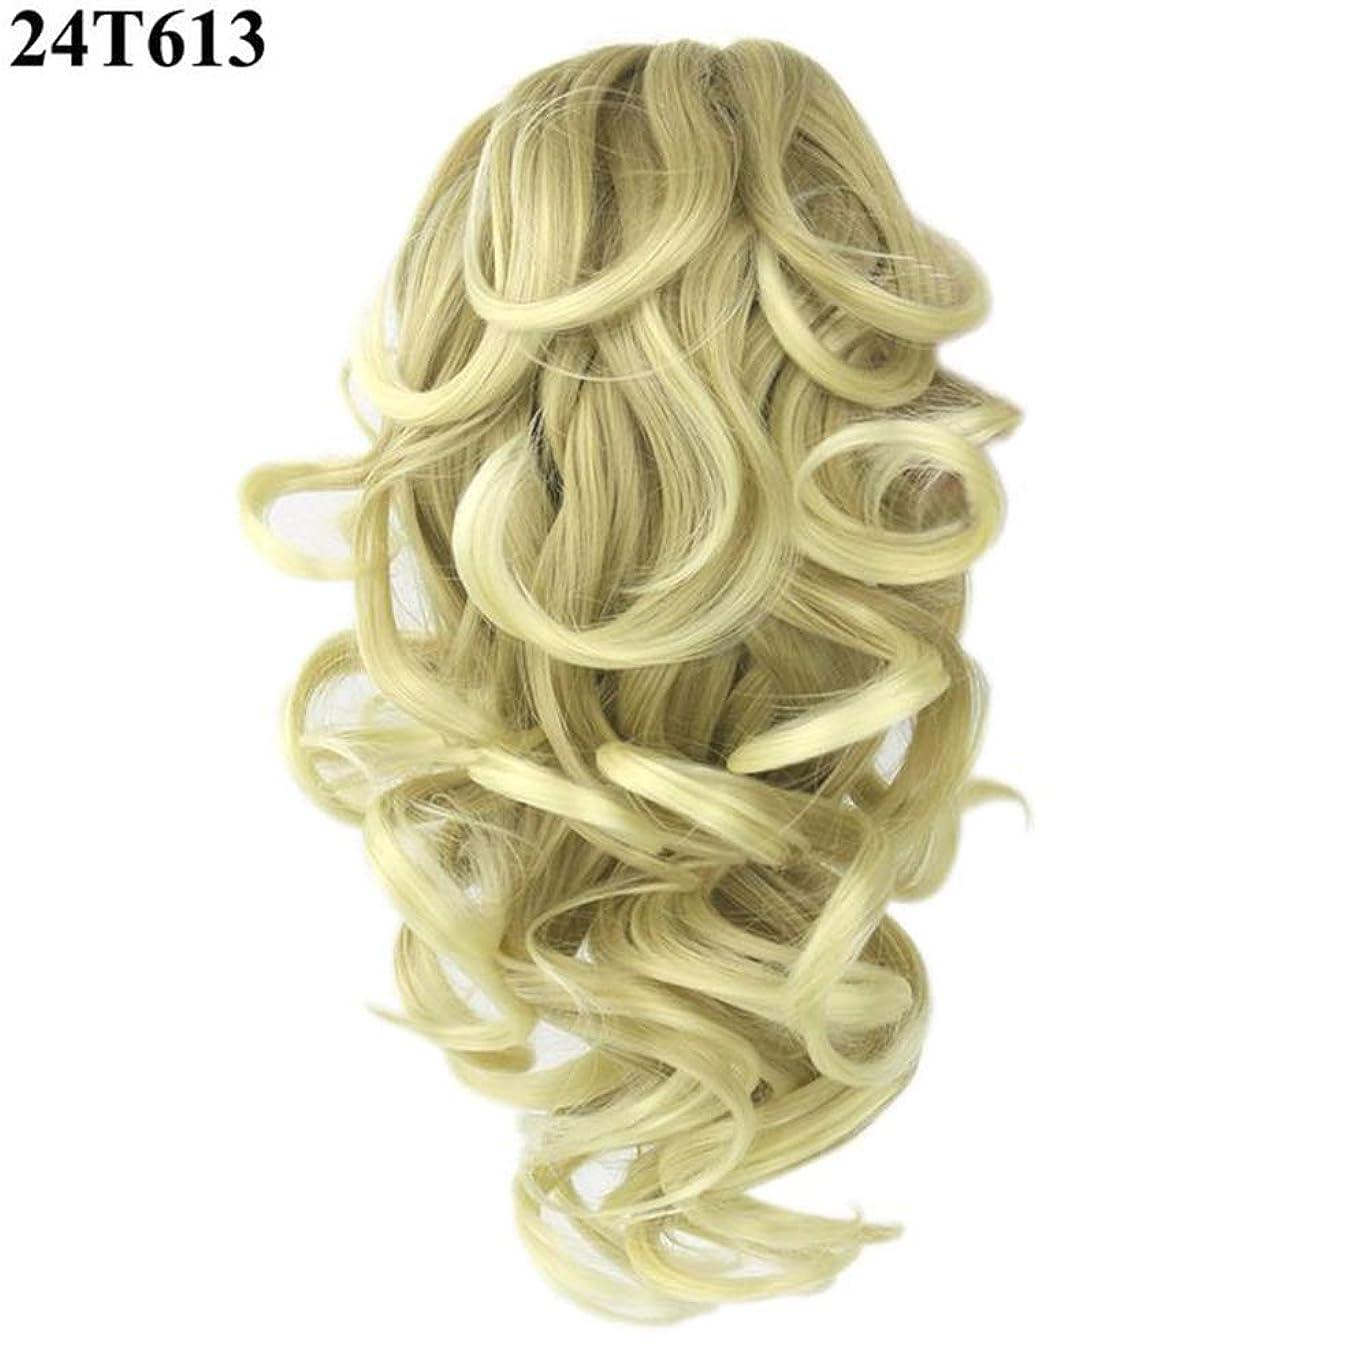 確認する黒くする発生するslQinjiansav女性ウィッグ修理ツール女性長波状カーリーポニーテールウィッグ合成繊維髪の耐熱ヘアピース